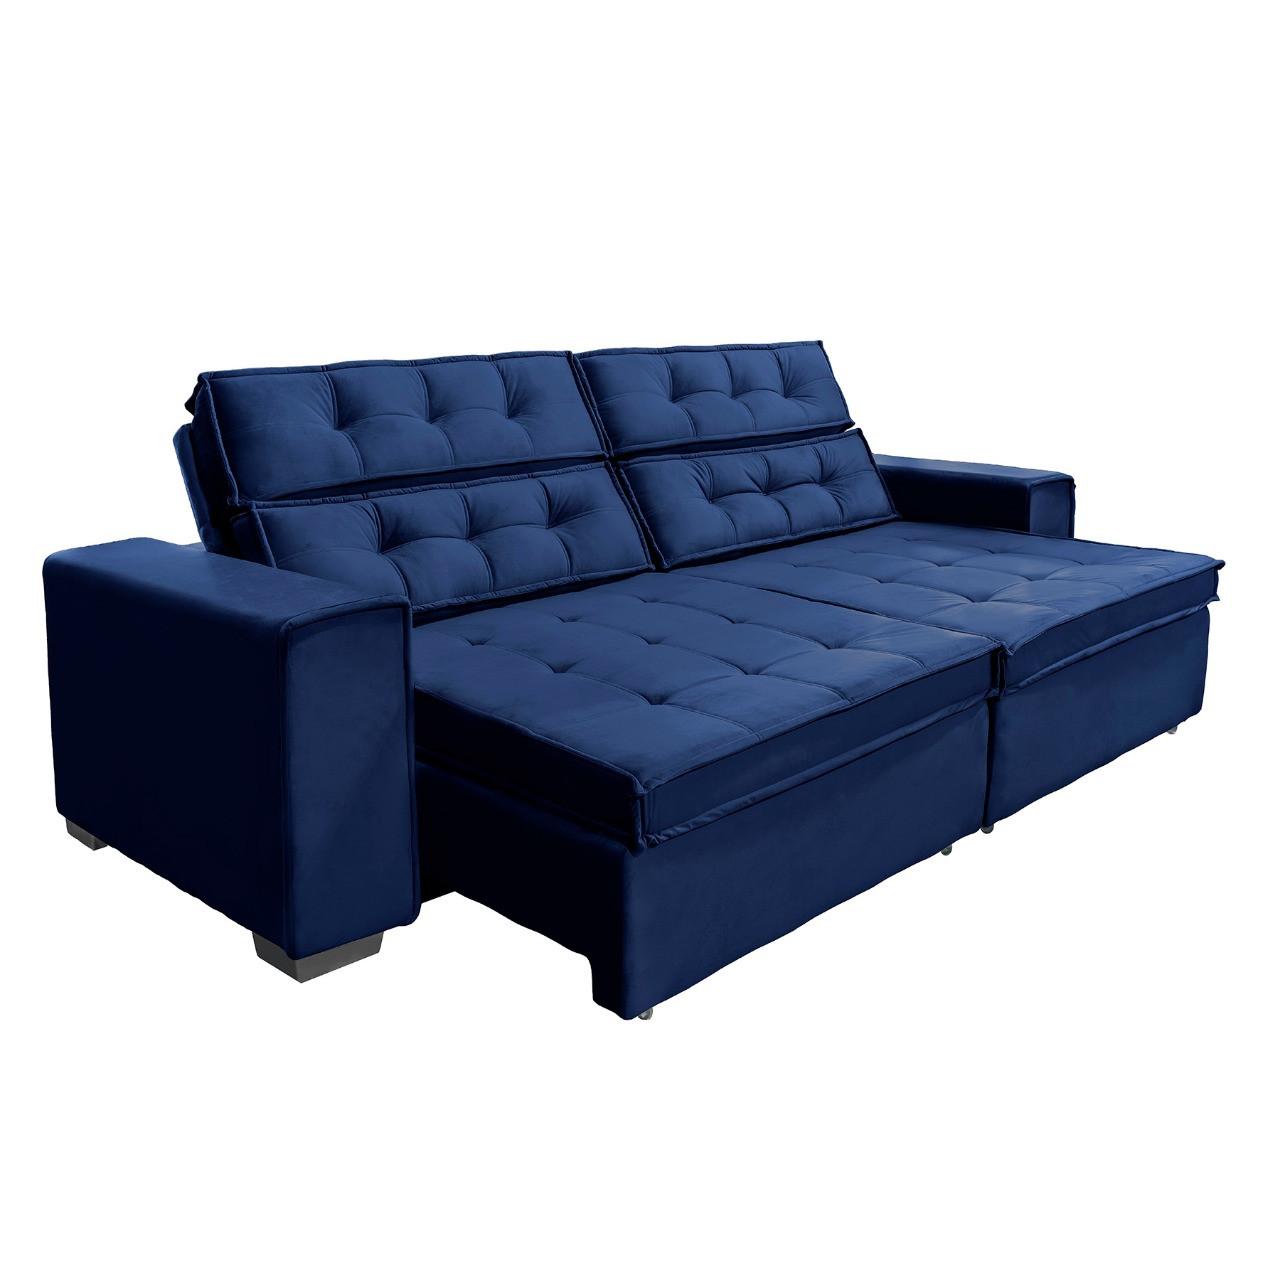 Sofá Vancouver Retrátil/Reclinável 2,10m Suede Velusoft azul c/mola helicoidal - Sofá Casa